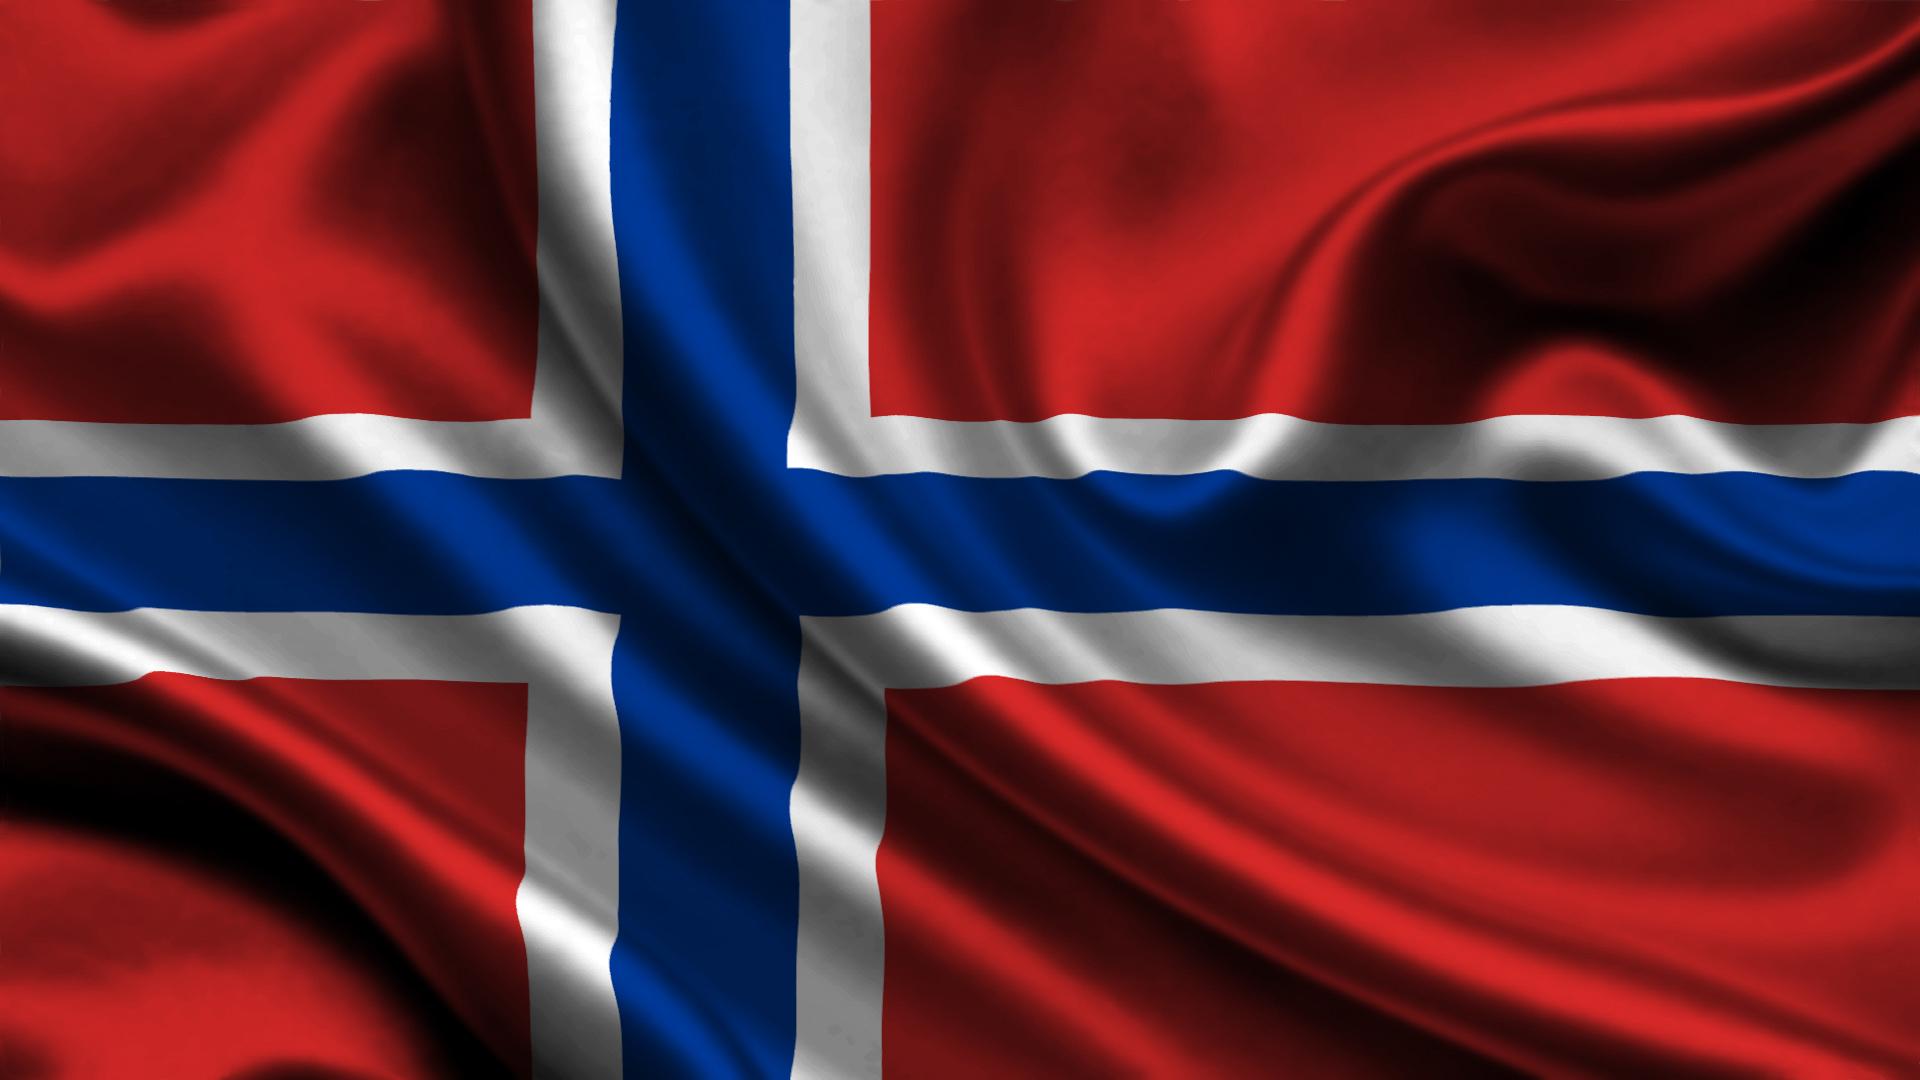 перевод документов на норвежский, с норвежского, цены, скидки, заказать